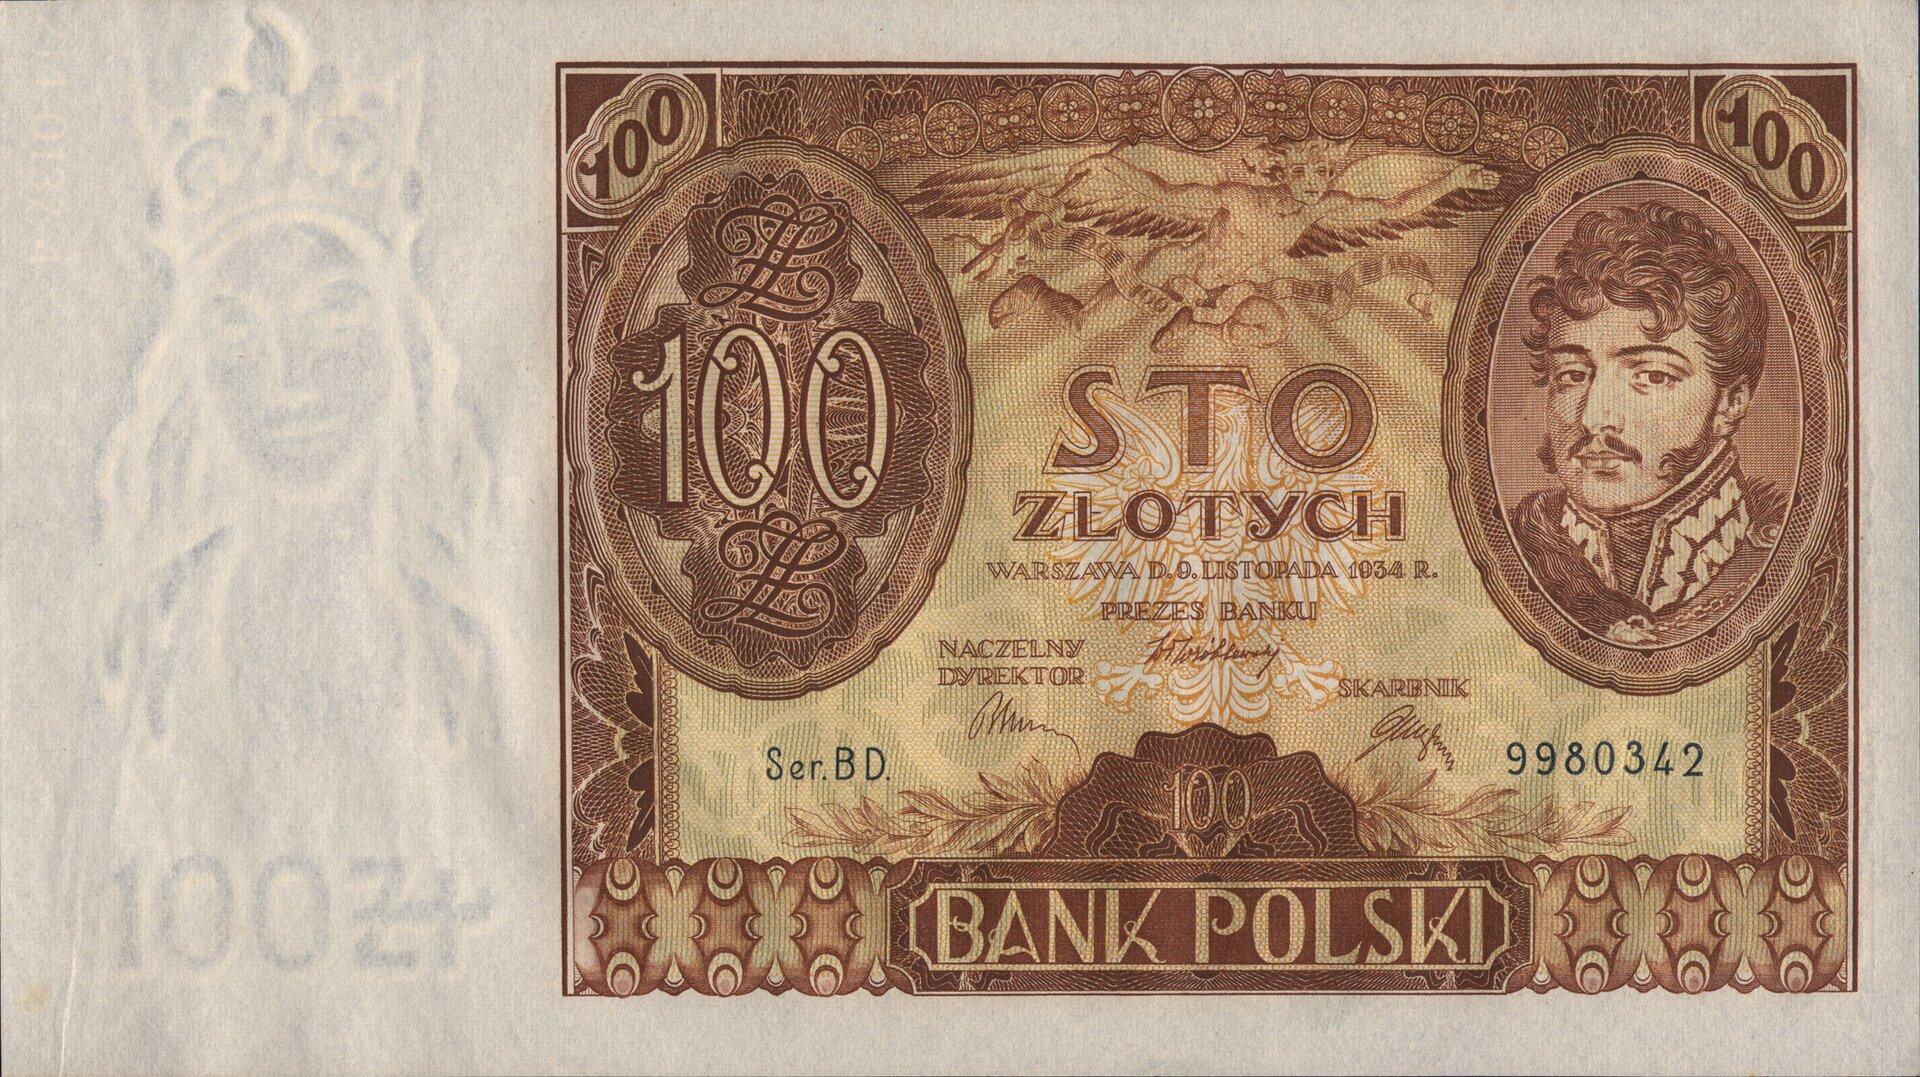 Banknot zII Rzeczypospolitej (100 złotych) Źródło: Bank Polski, Banknot zII Rzeczypospolitej (100 złotych), licencja: CC 0.